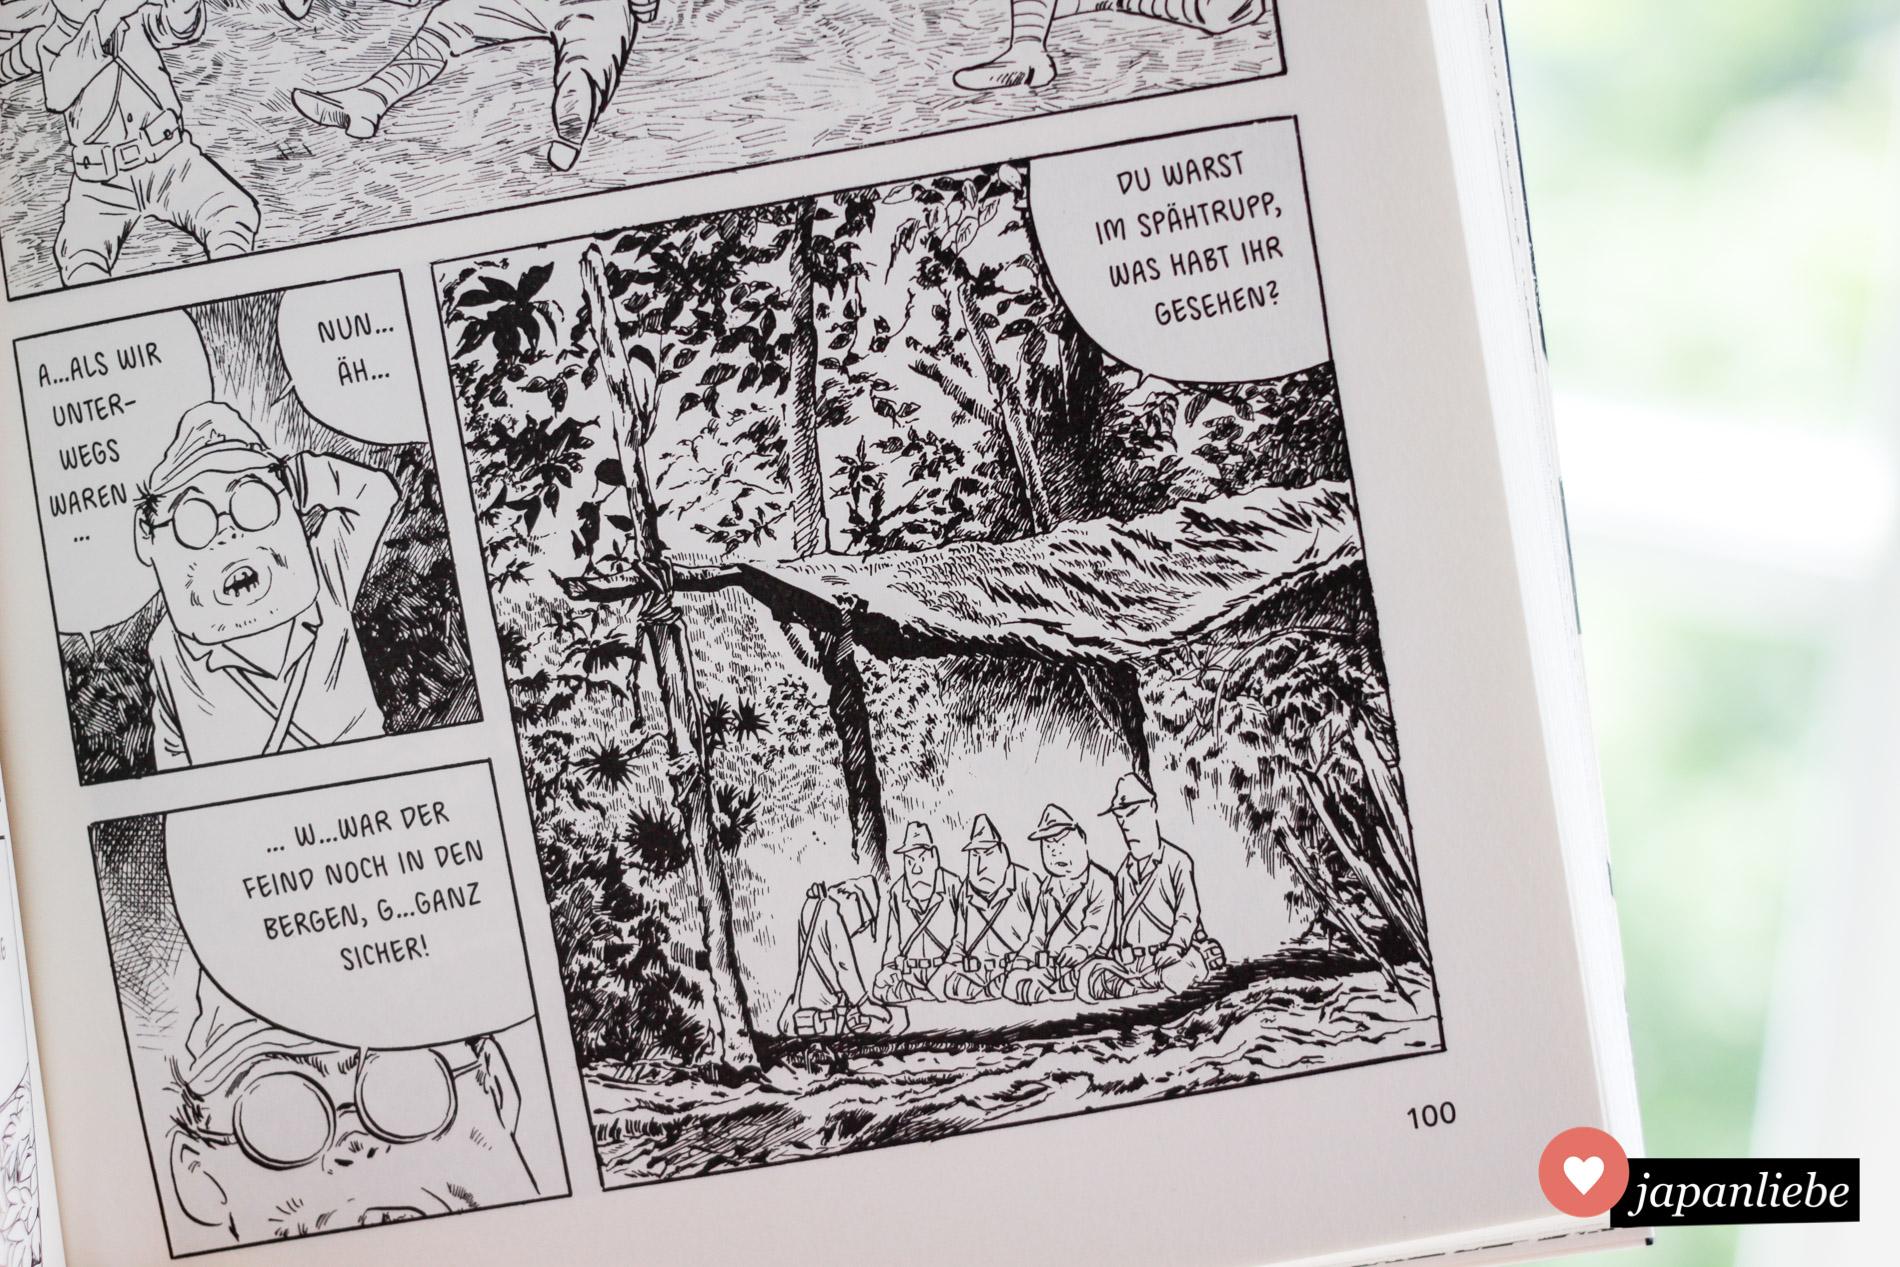 """Mizukis Zeichenstil mit detaillierten Hintergründen und umso ulkigeren Charakteren eignet sich überraschend gut für die ernste Thematik von """"Auf in den Heldentod!""""."""